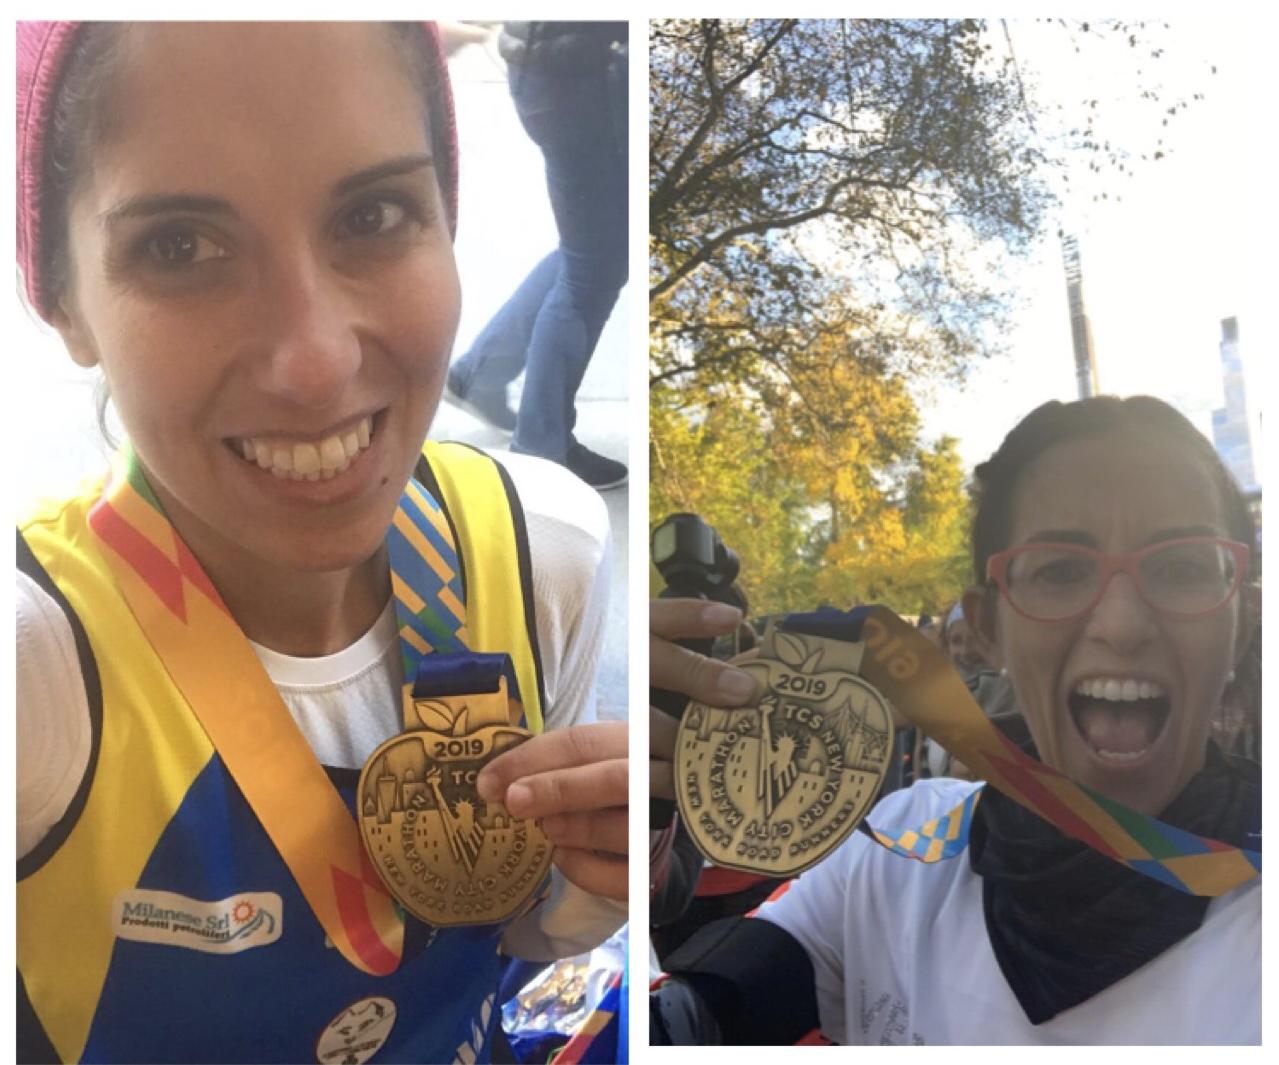 Emozioni dalla Maratona di New York